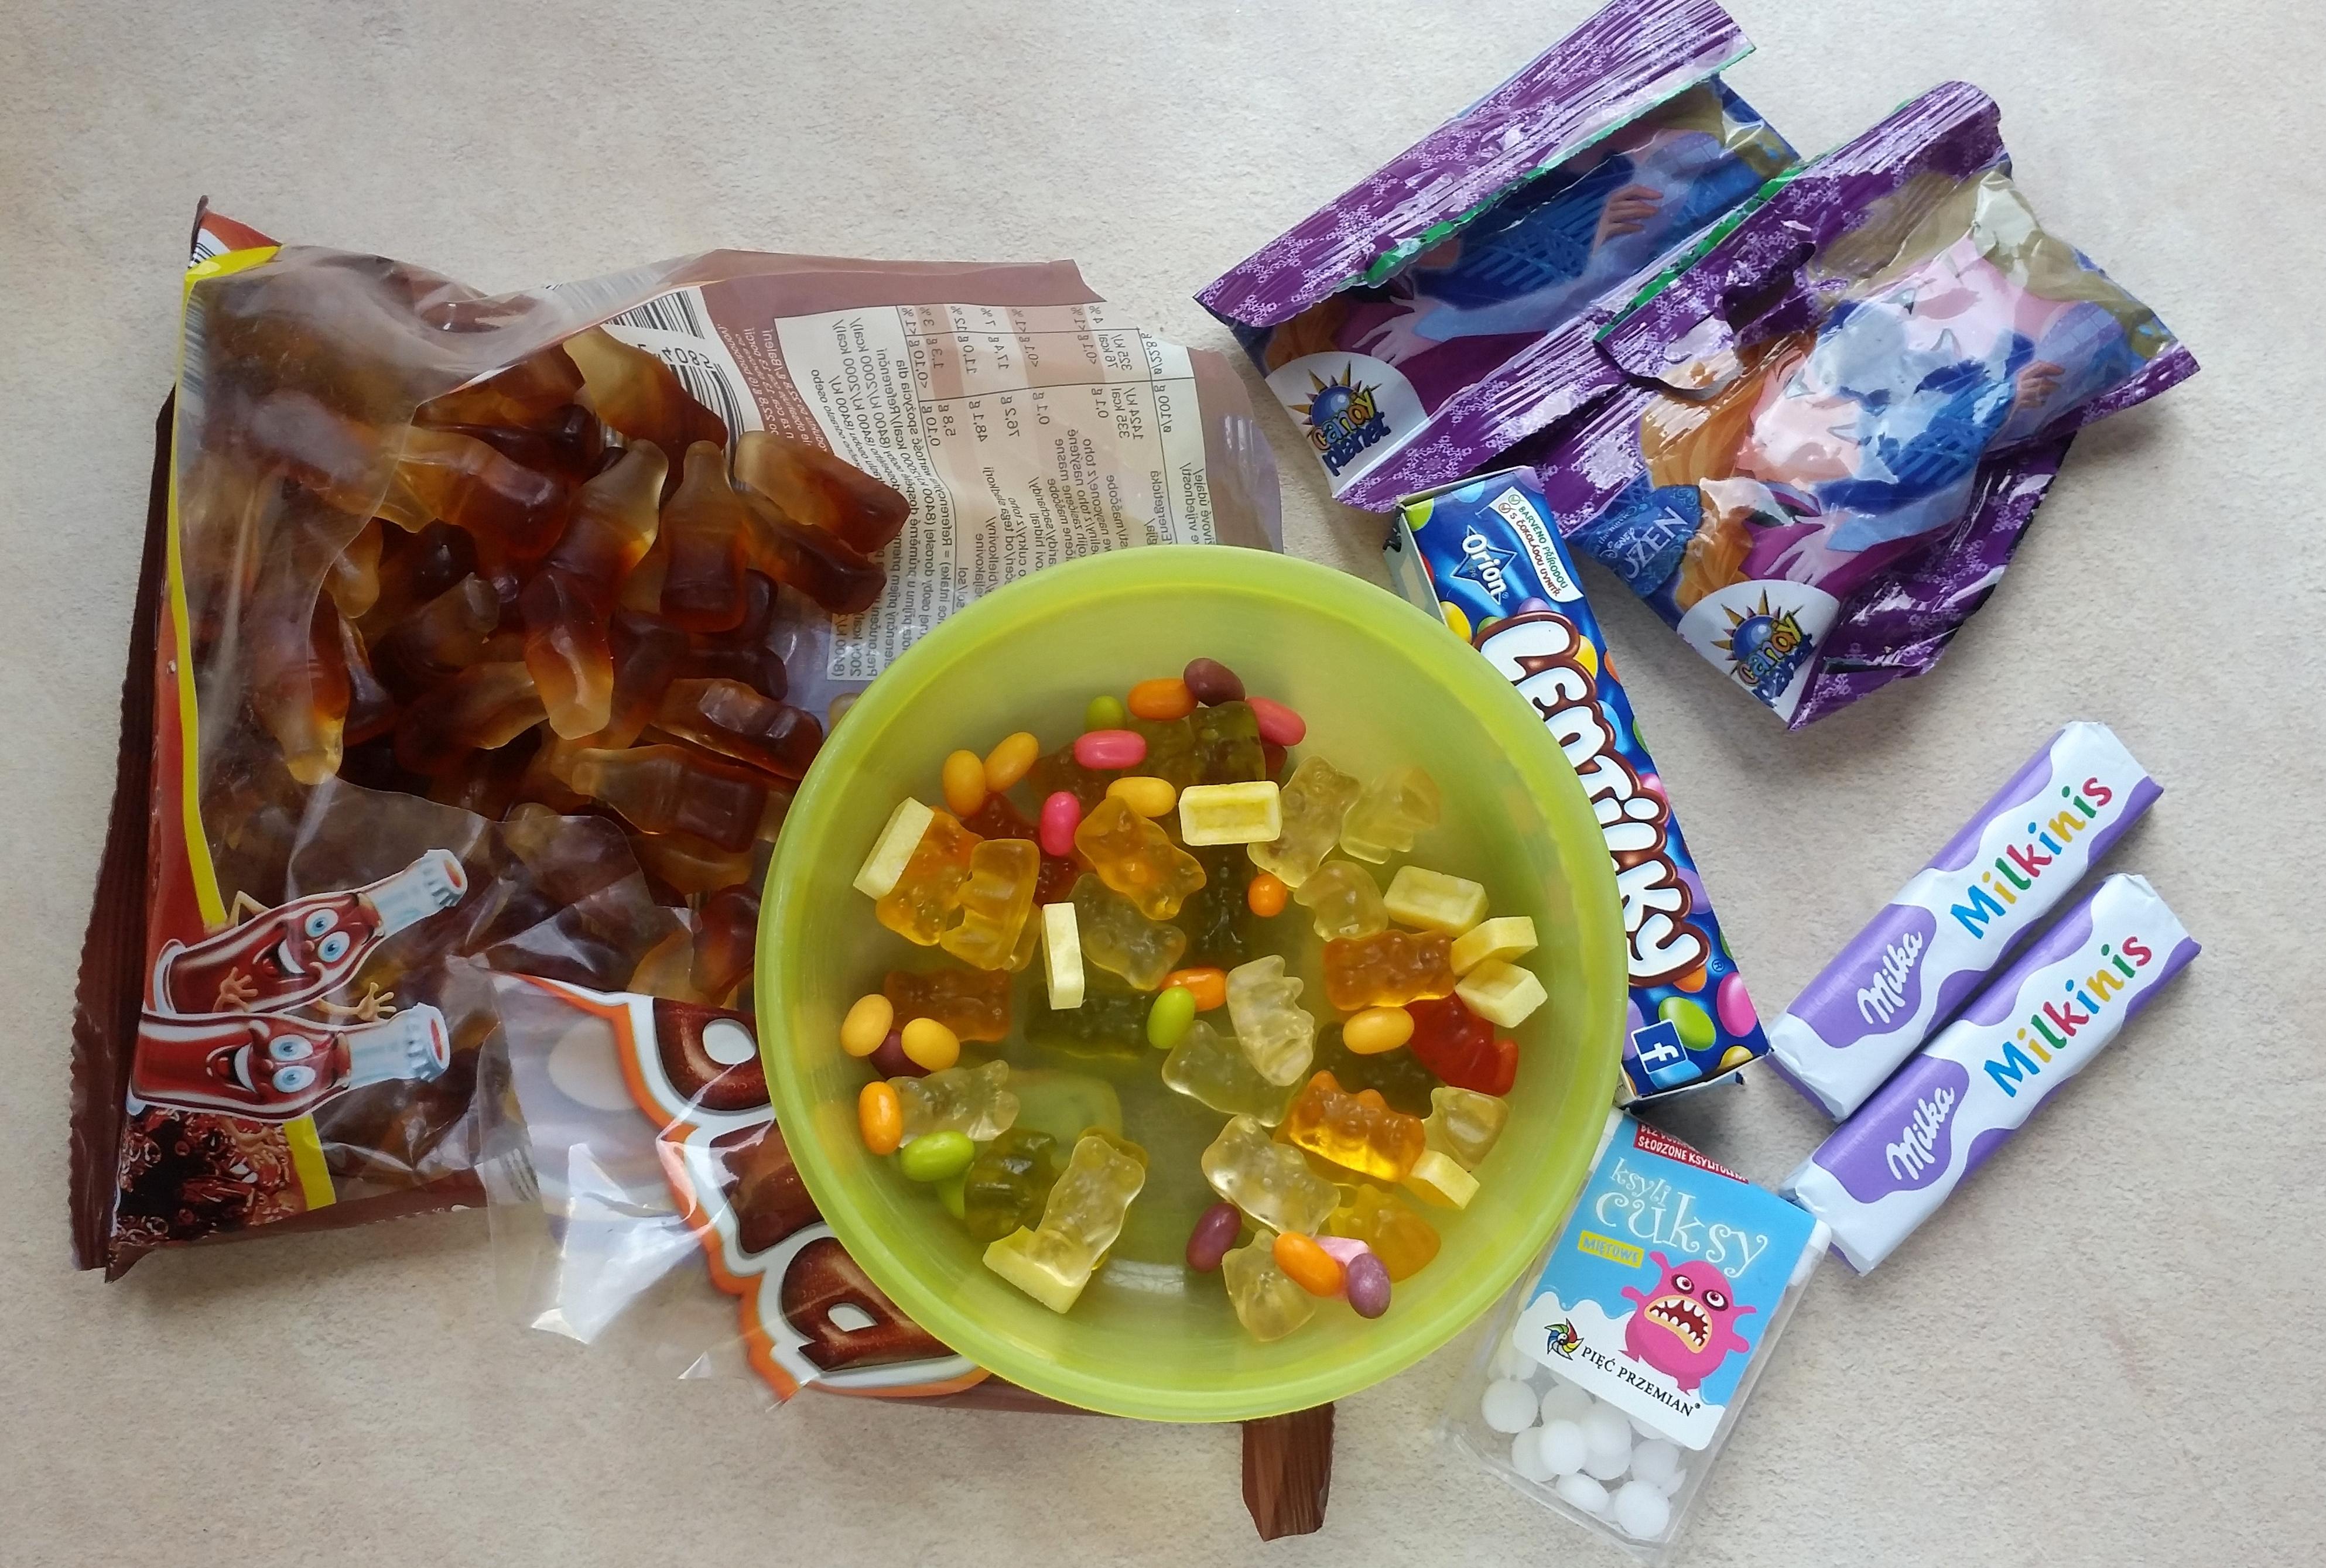 Wybitny WEBINAR - Jak ograniczyć cukier w jadłospisie dziecka? HZ13